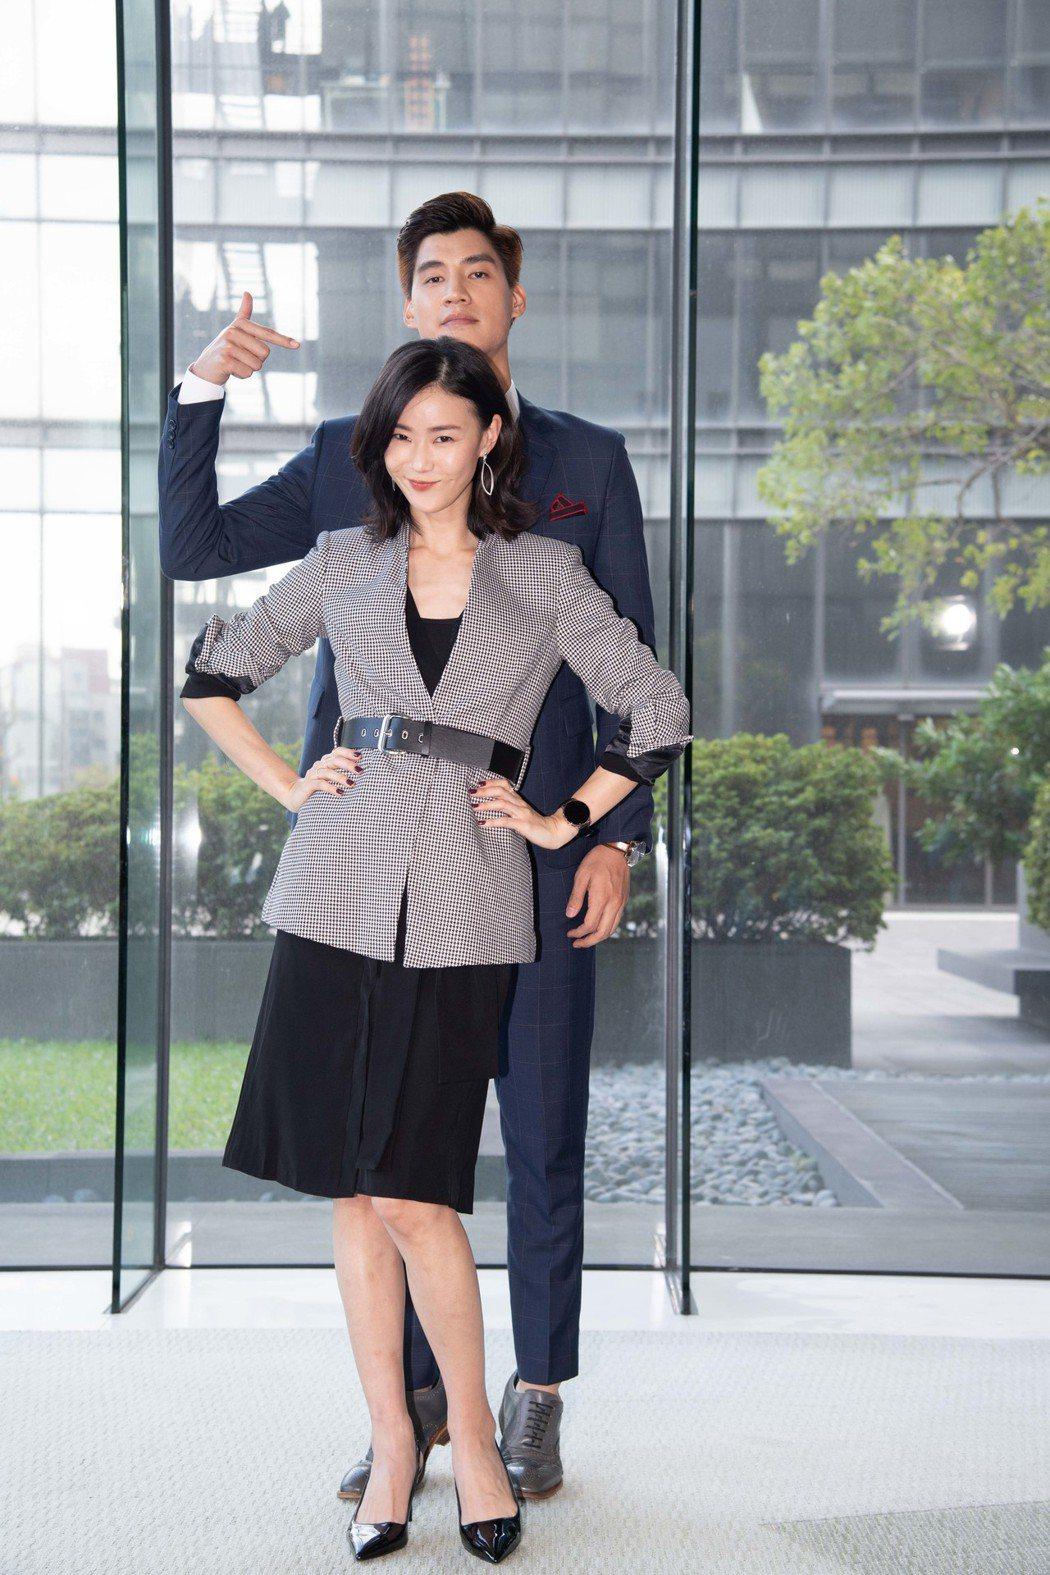 鍾瑶(前)和羅宏正合作新戲「跟鯊魚接吻」。圖/三立提供